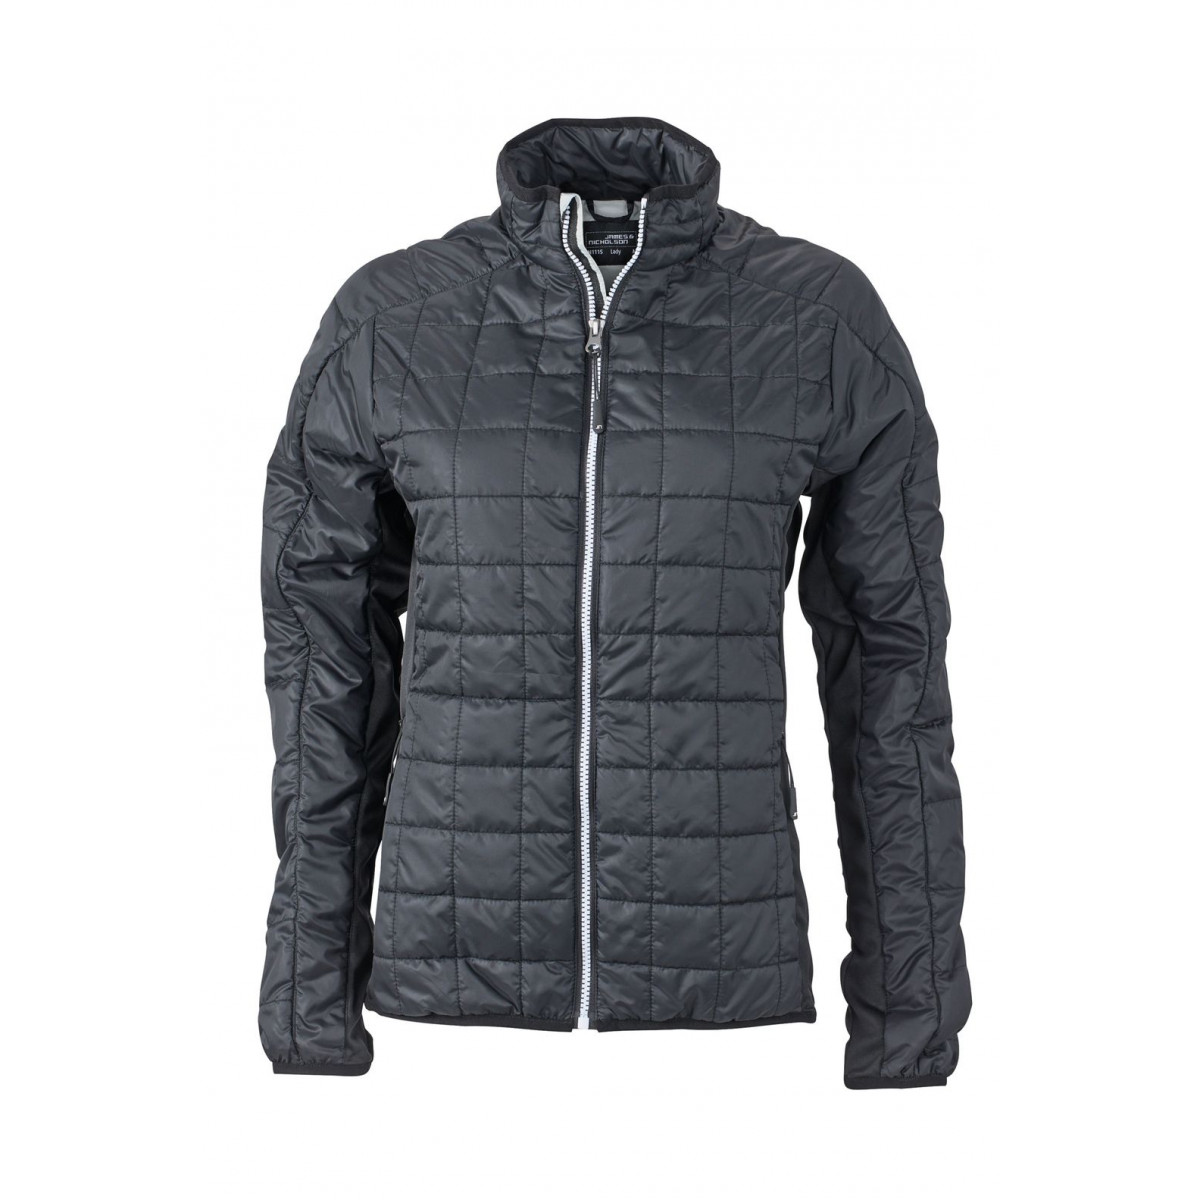 Куртка женская JN1115 Ladies Hybrid Jacket - Черный/Серебряный